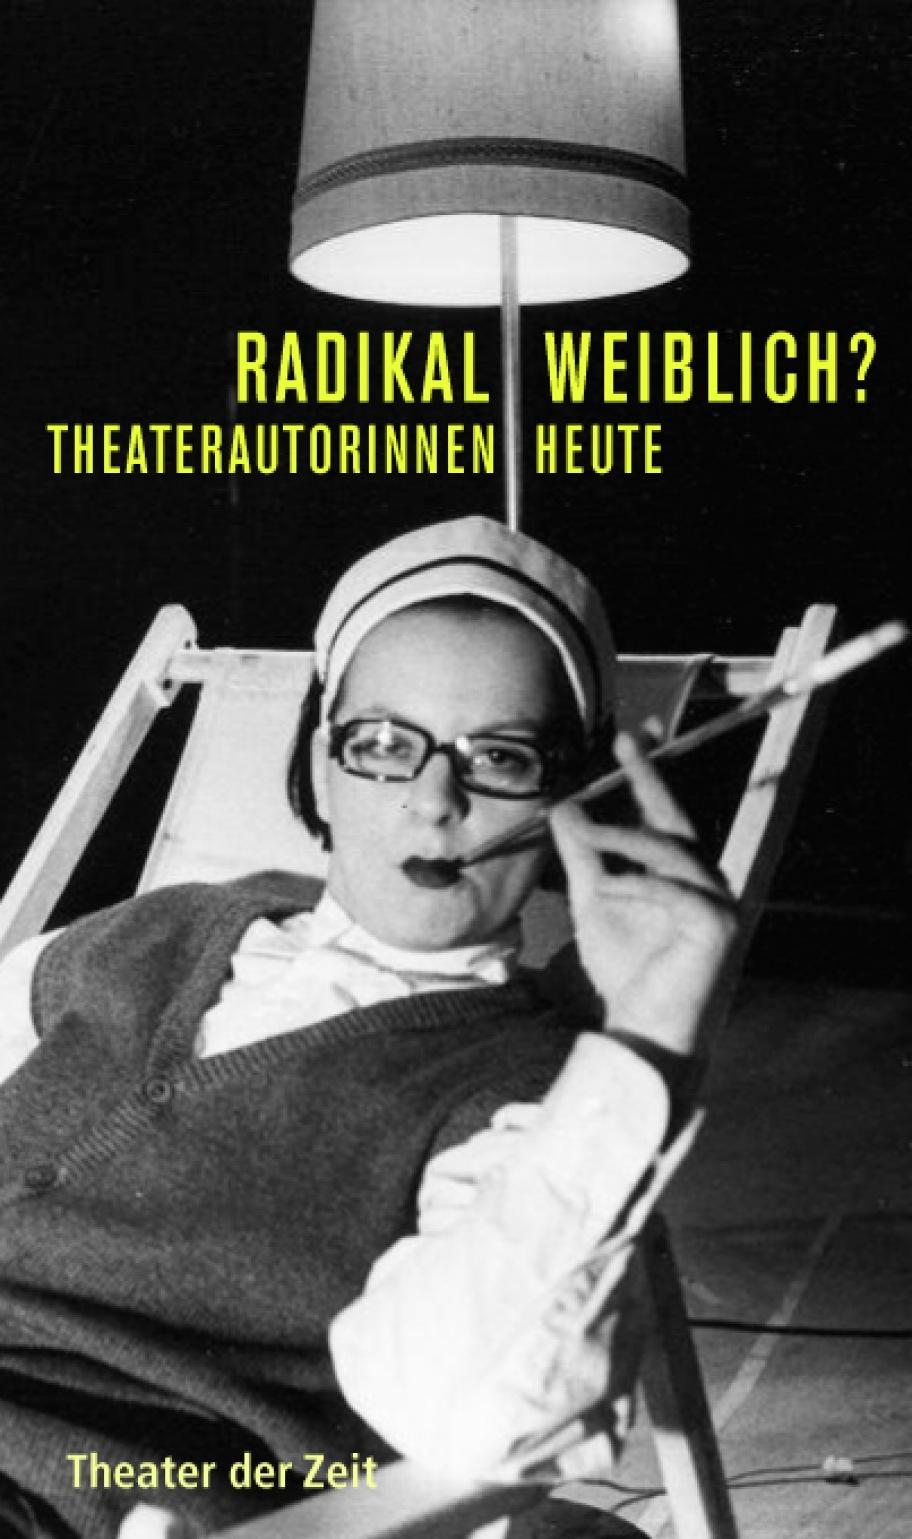 Radikal weiblich?